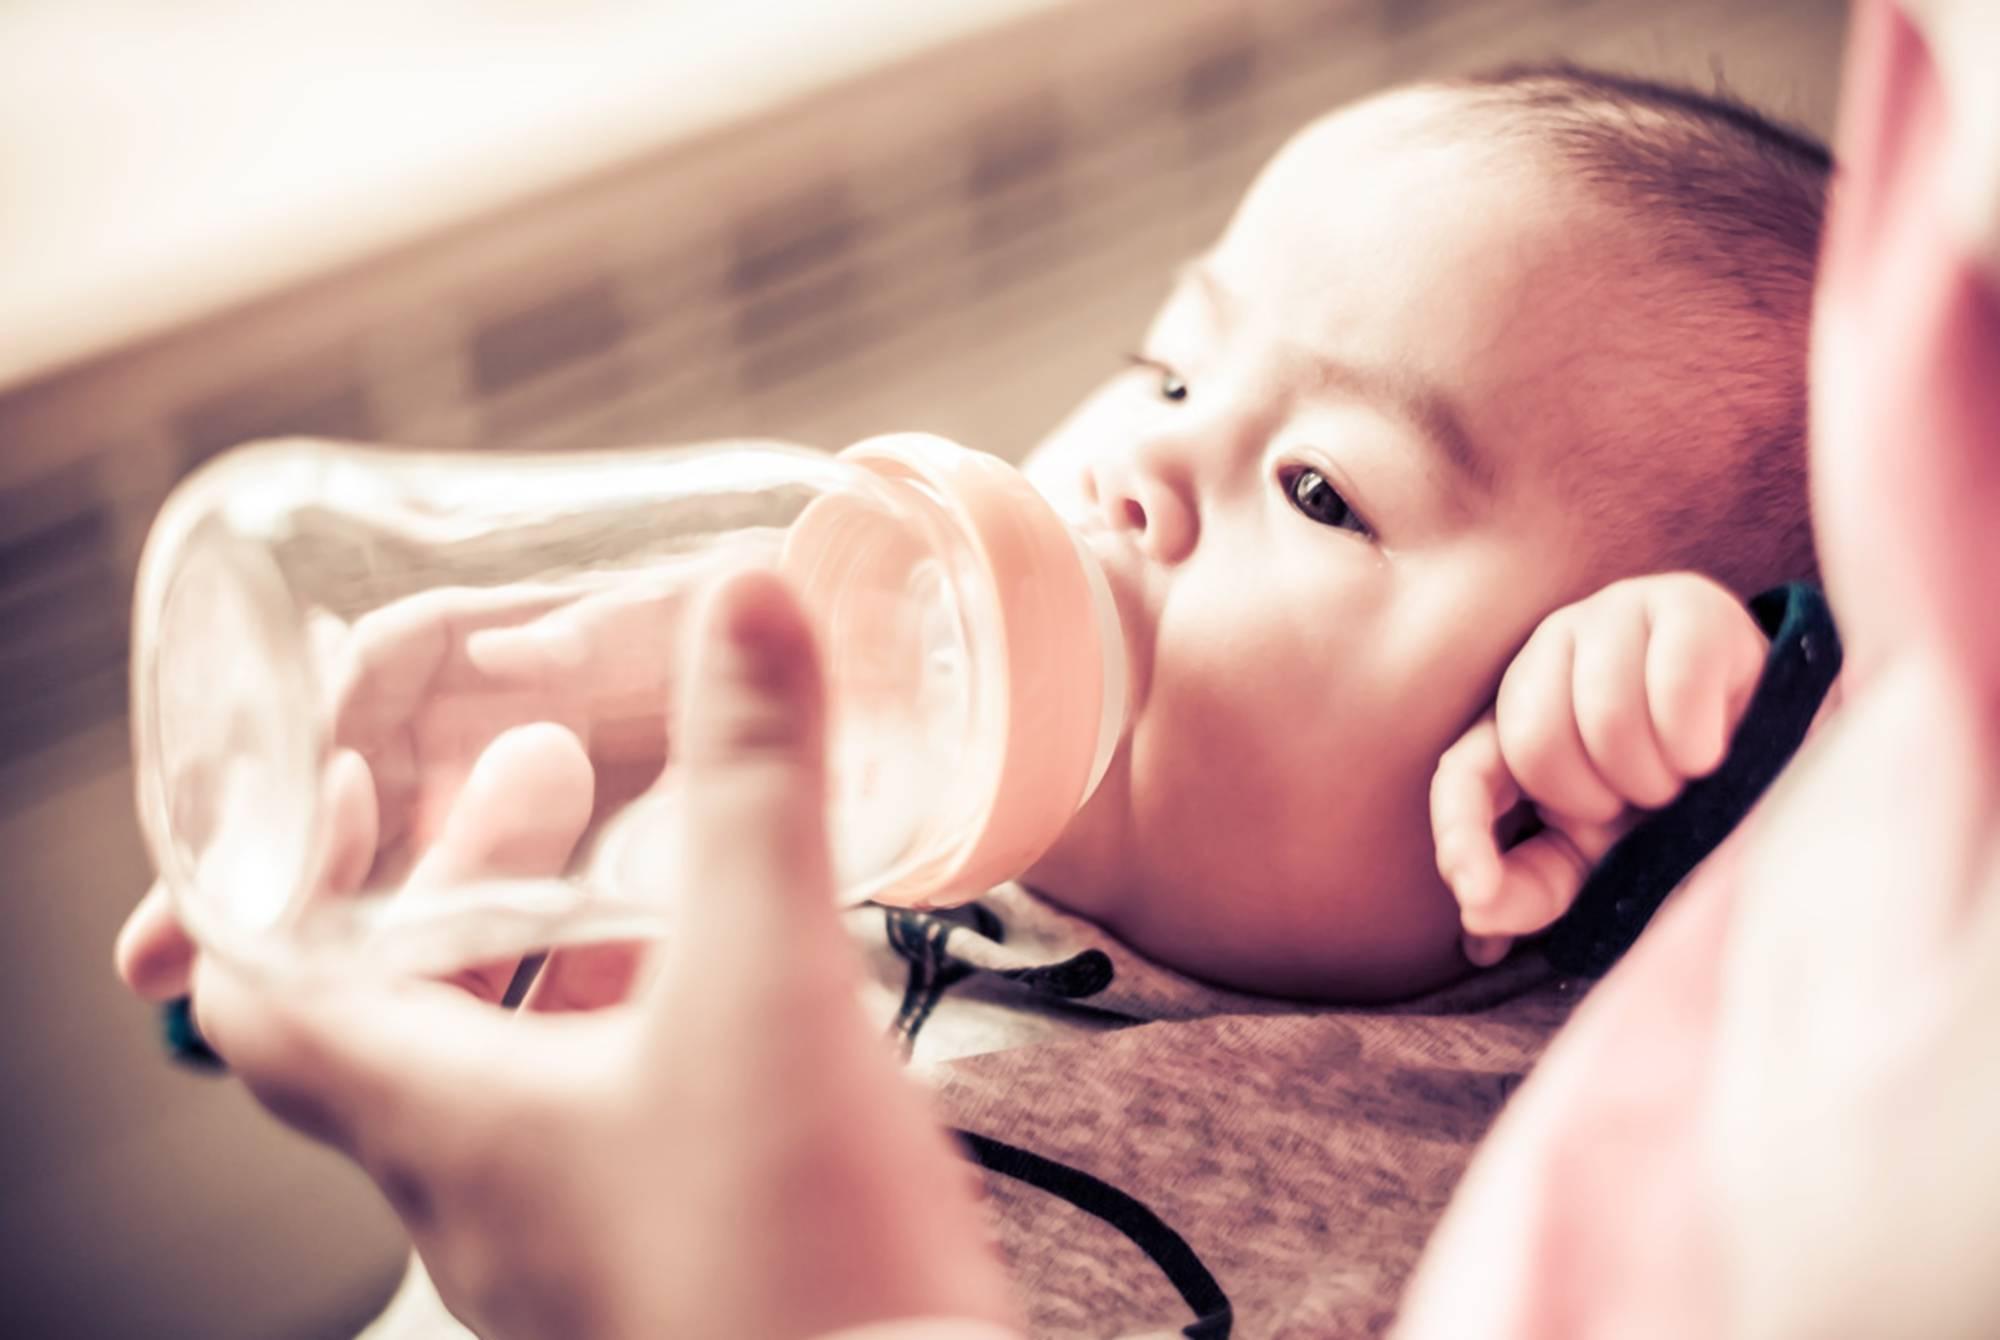 宝宝身体缺水后的这4种表现,暗示宝妈该抓紧补水,错过害娃不浅  第8张